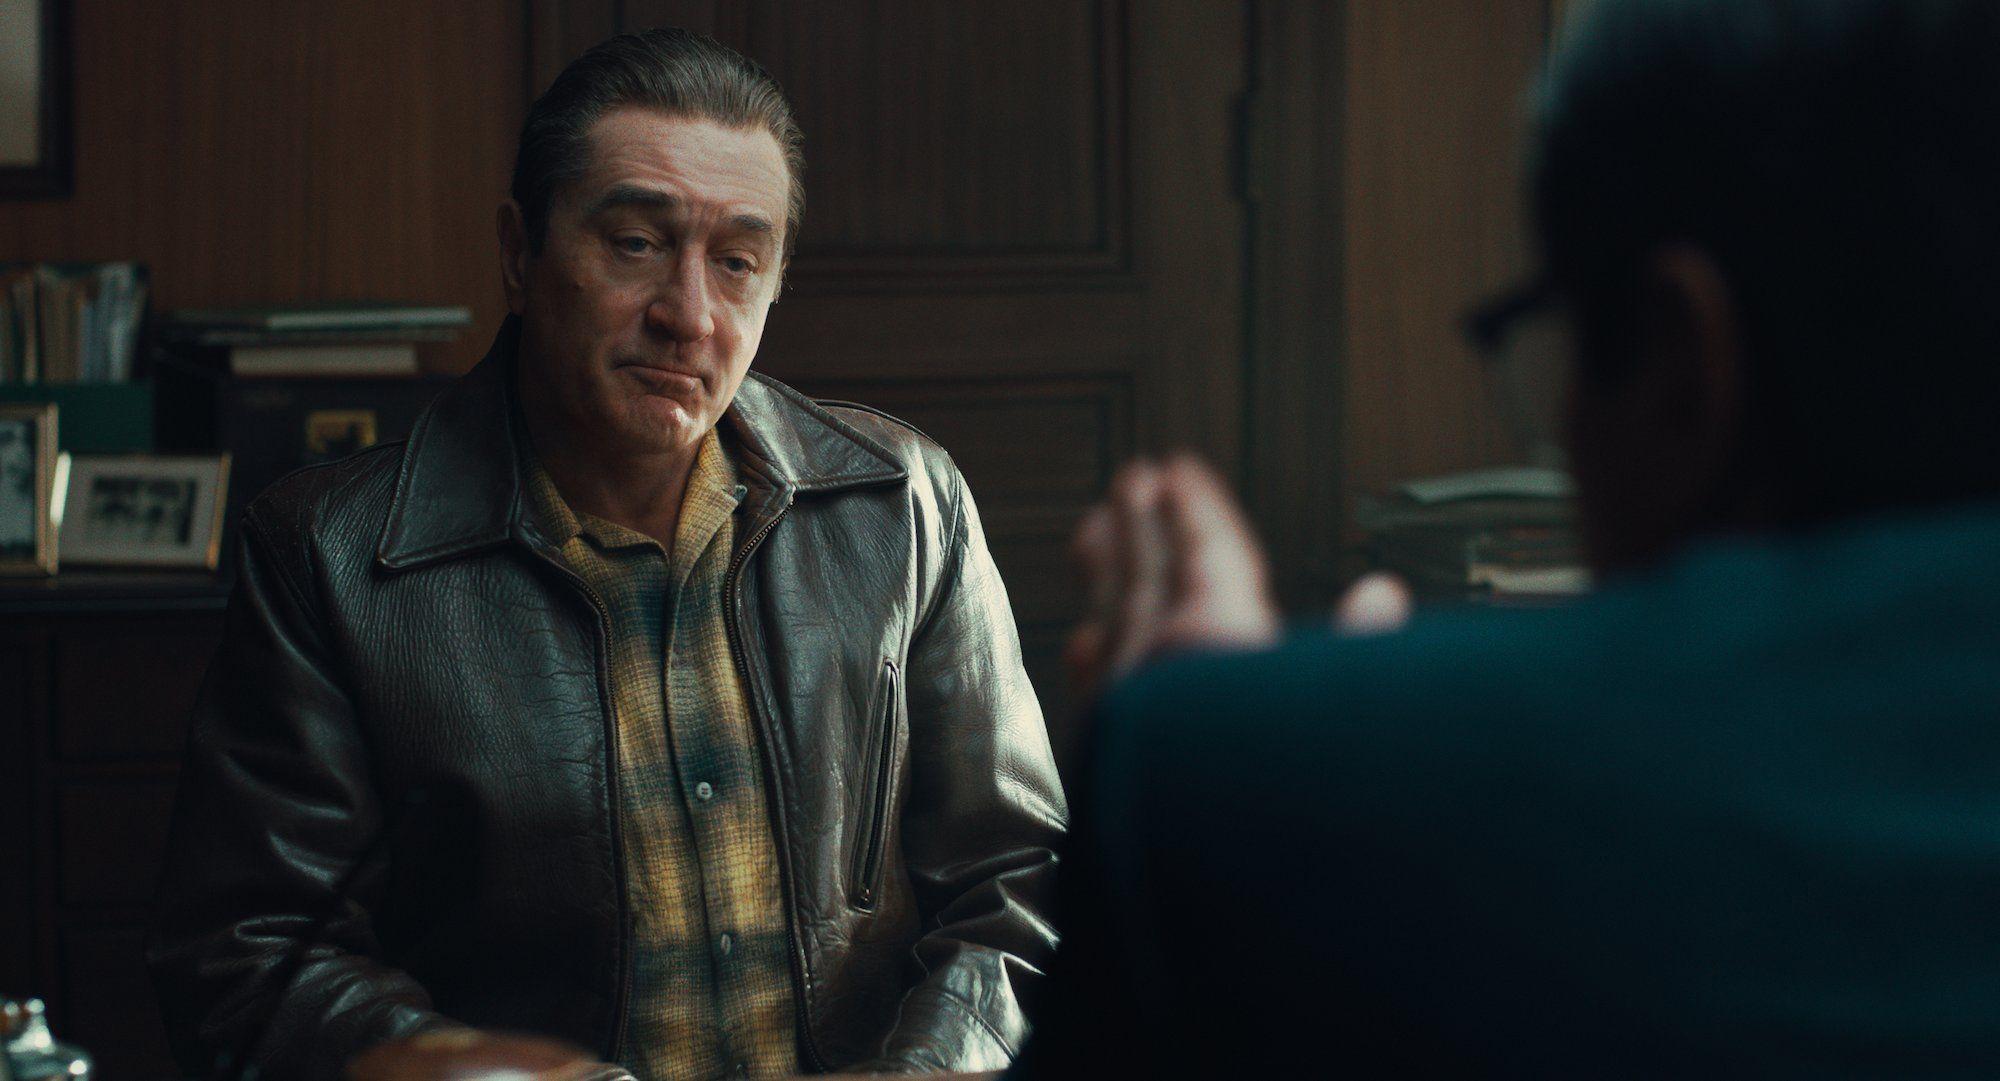 Il trailer di The Irishman e la malinconia dell'ultima volta